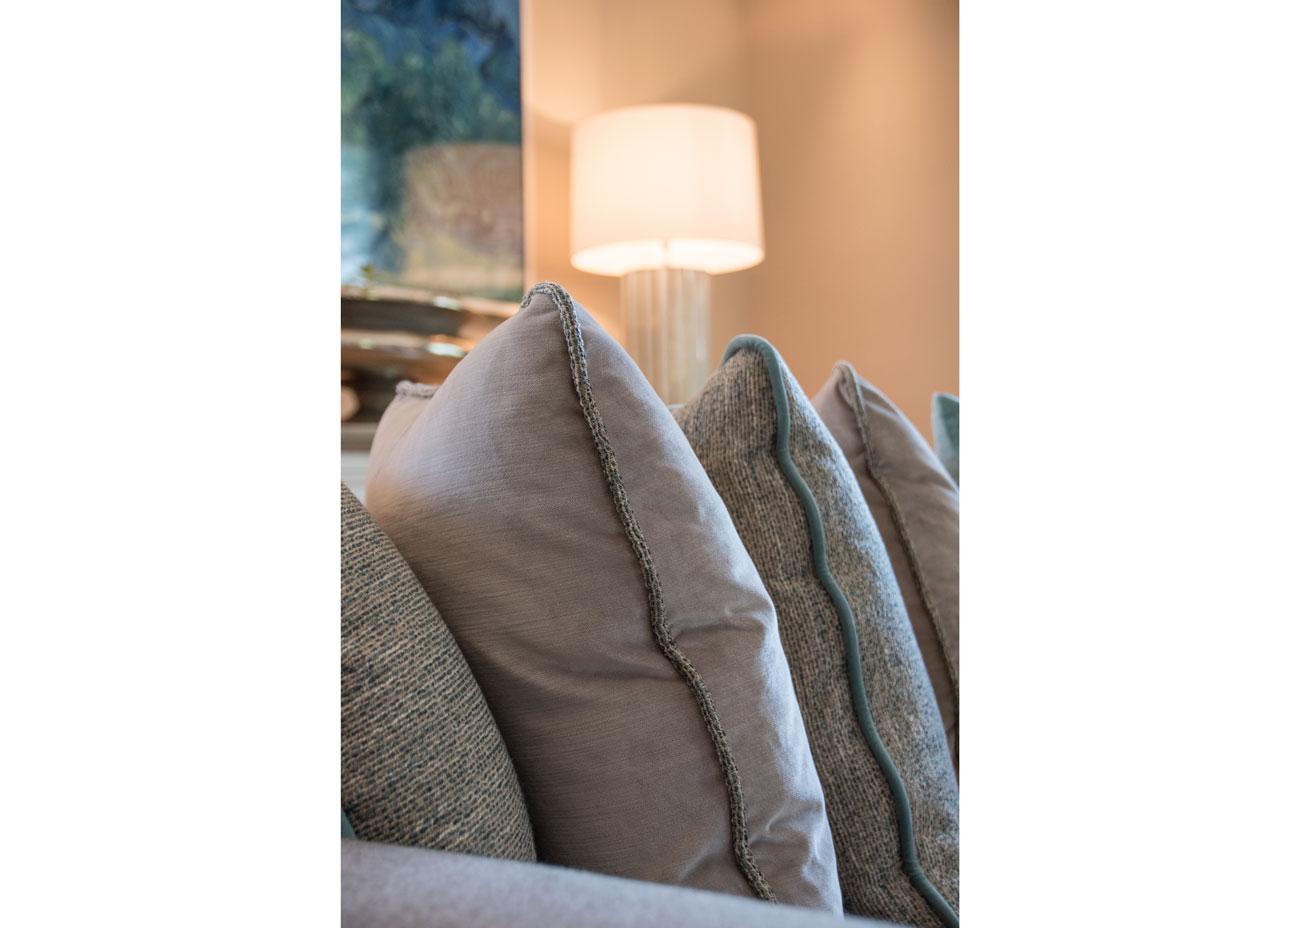 haus renovierung ideen wohnzimmer kissen taupe türkis leuchte